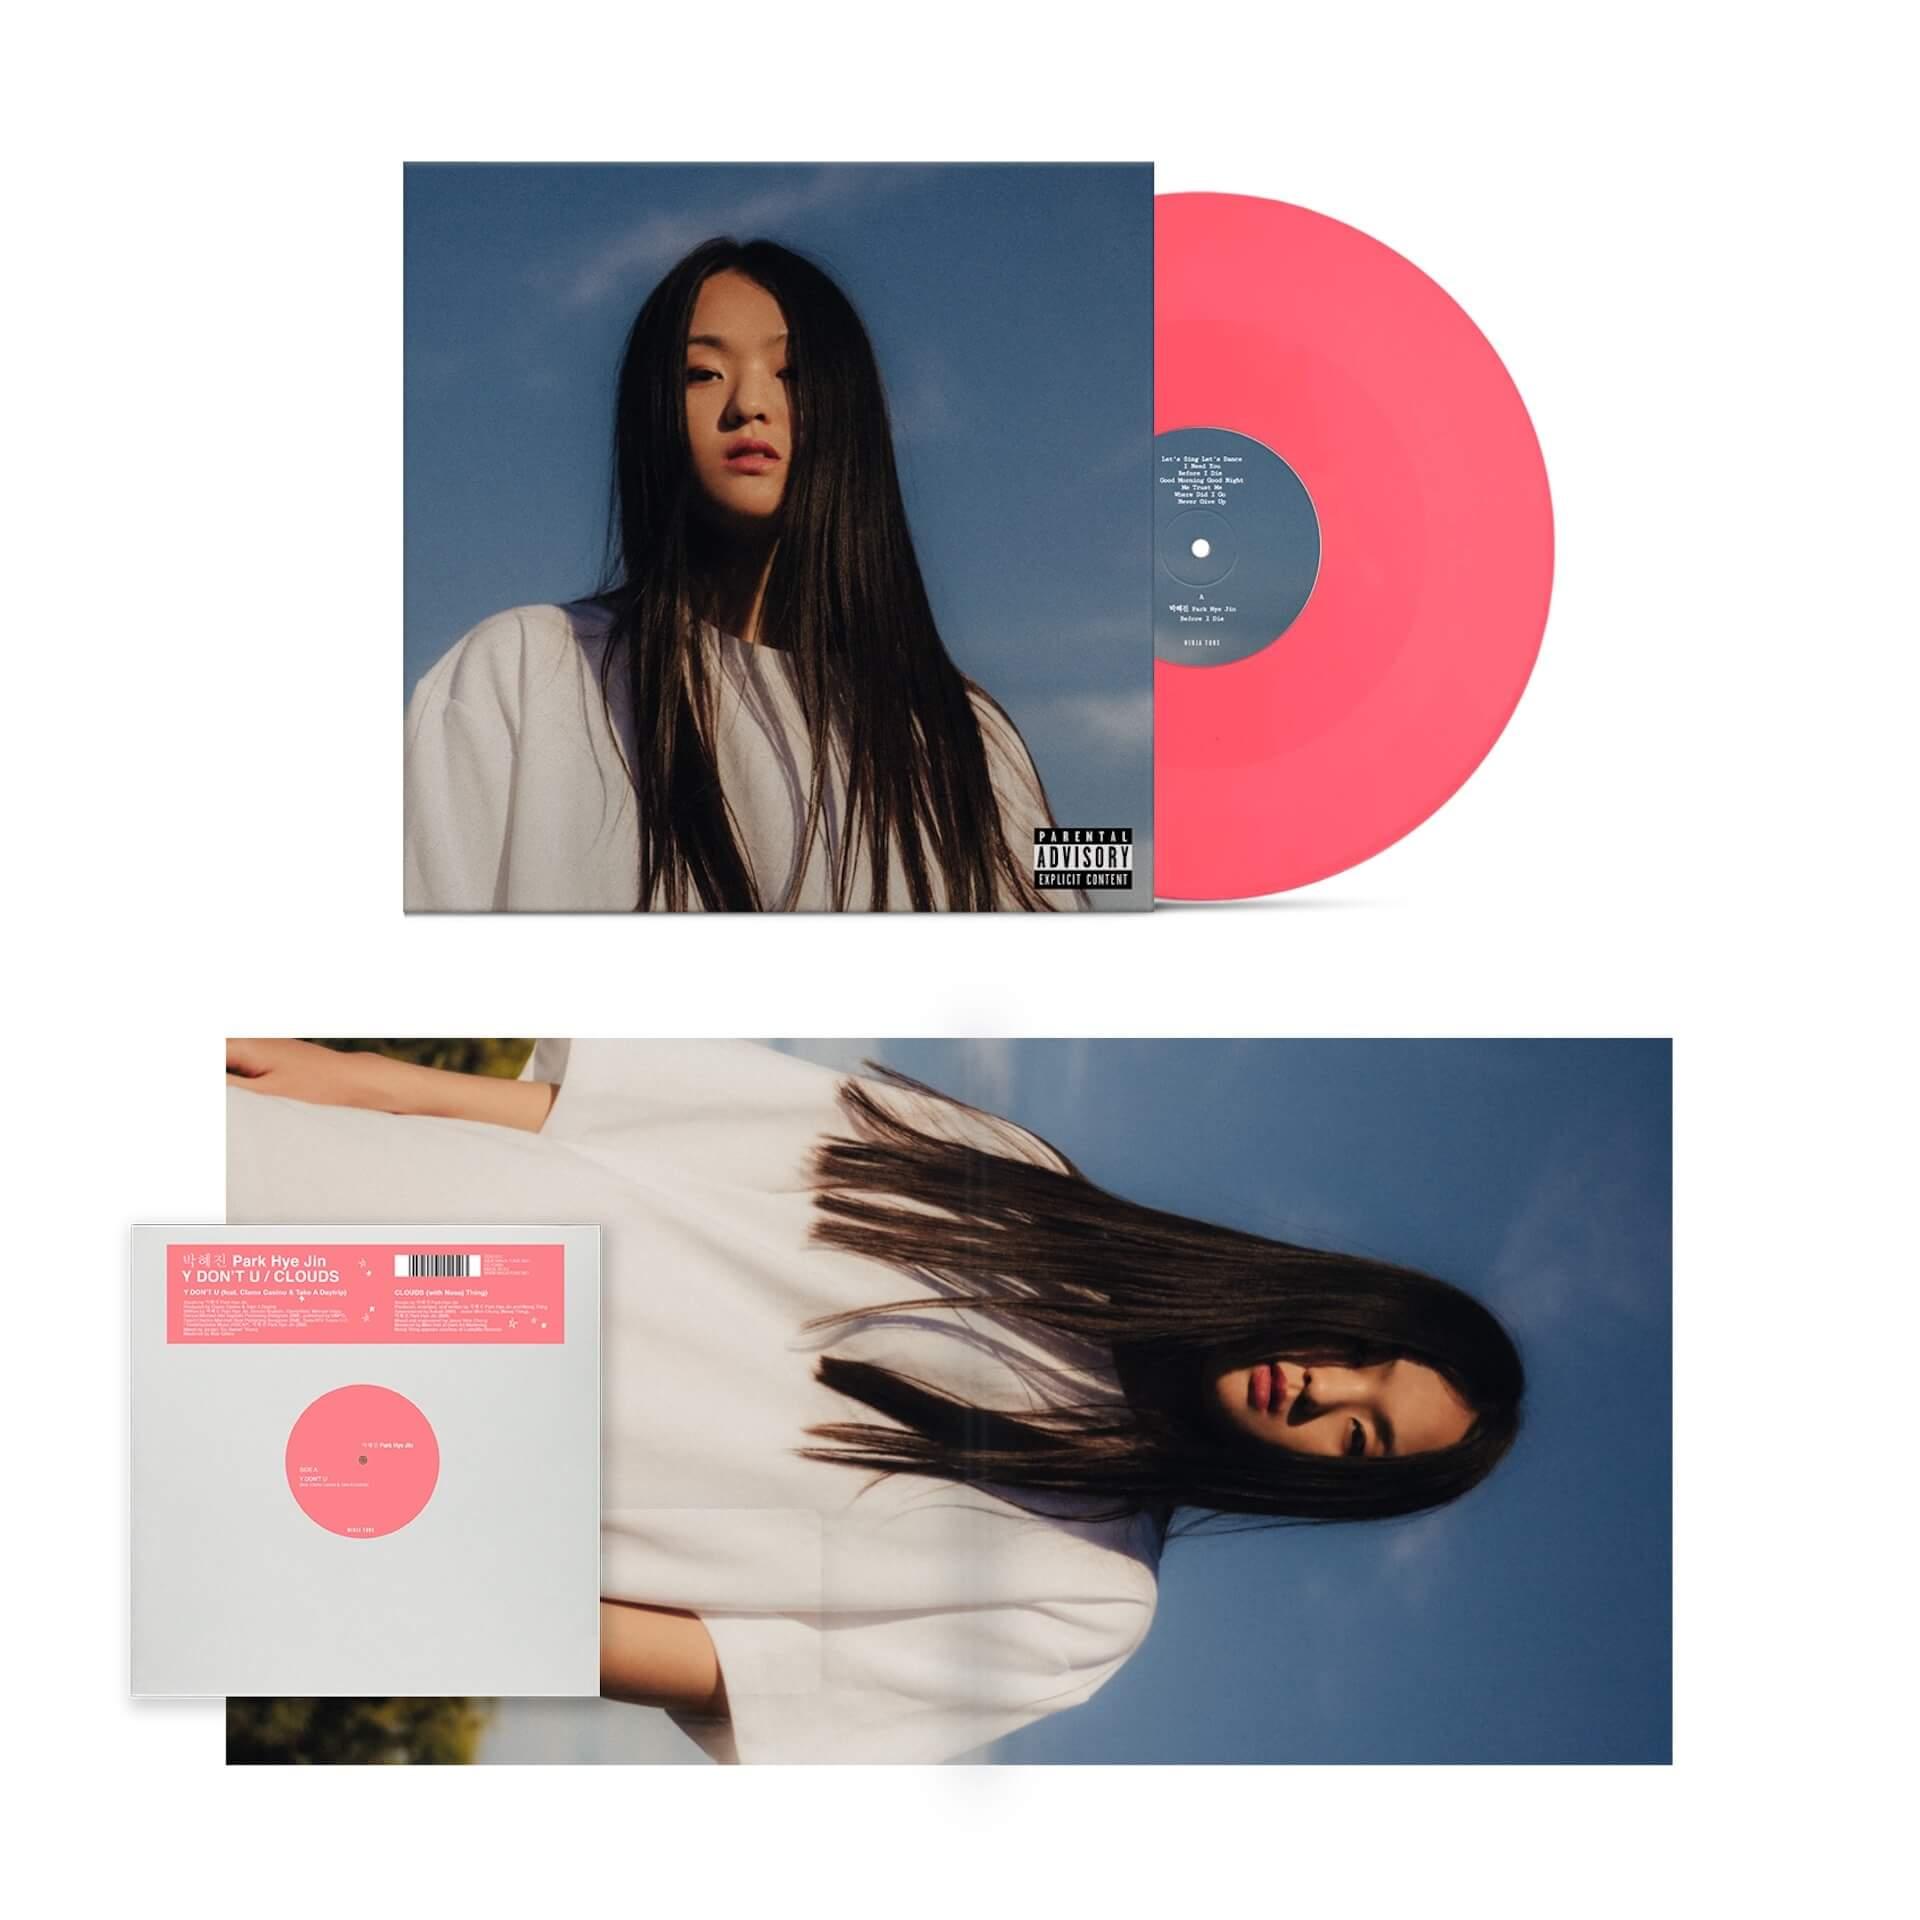 来日公演も控えるPark Hye Jinが〈Ninja Tune〉より待望のデビューアルバム『Before I Die』のリリースを発表! music210707_parkhyejin_5